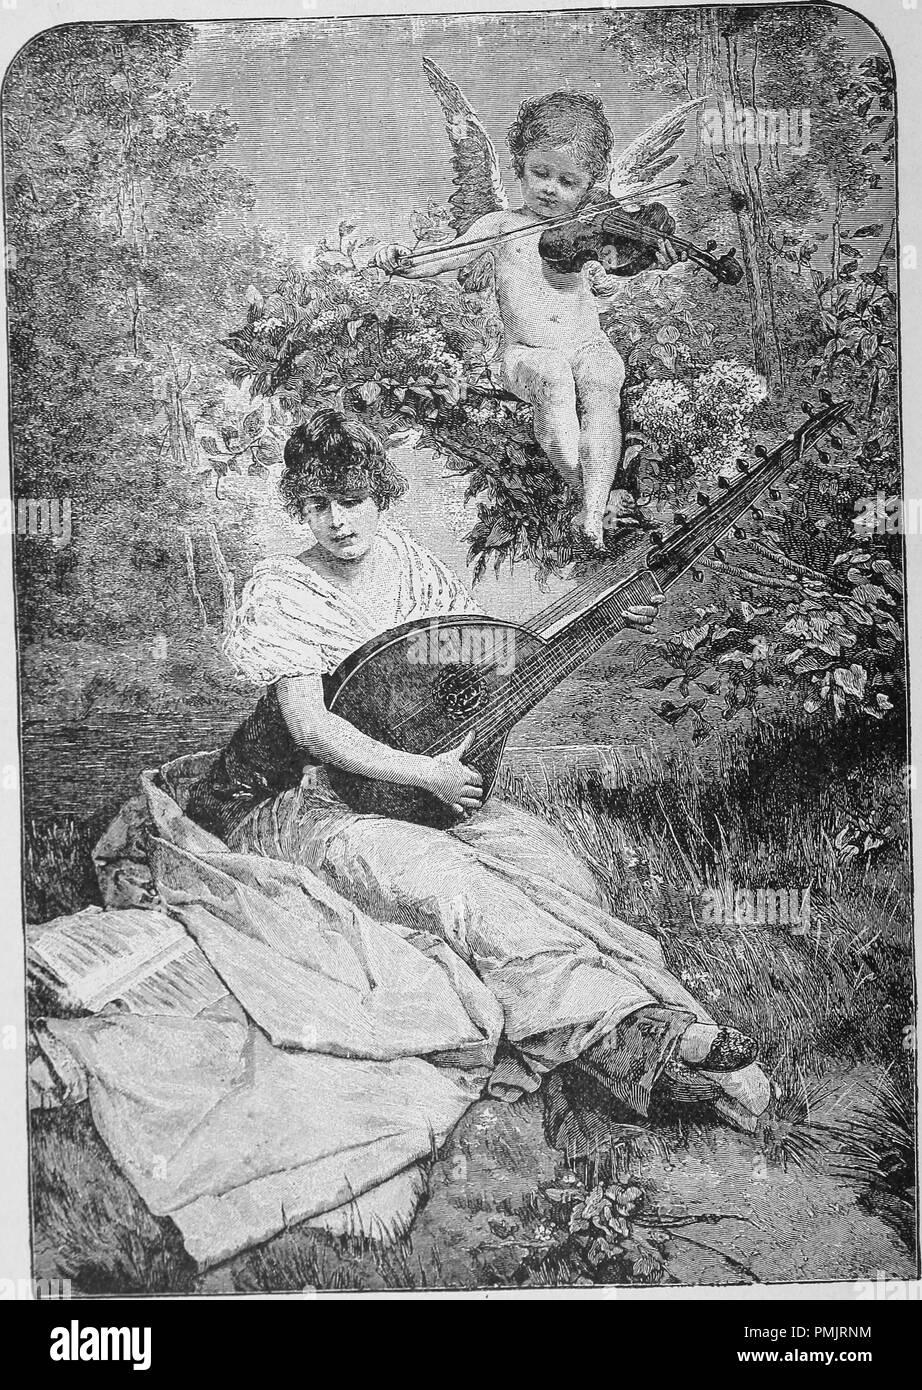 Grabado de una mujer joven con un ángel por encima de su hombro tocando música, del libro 'Nuestra sociedad', de 1891. Cortesía de Internet Archive. () Imagen De Stock